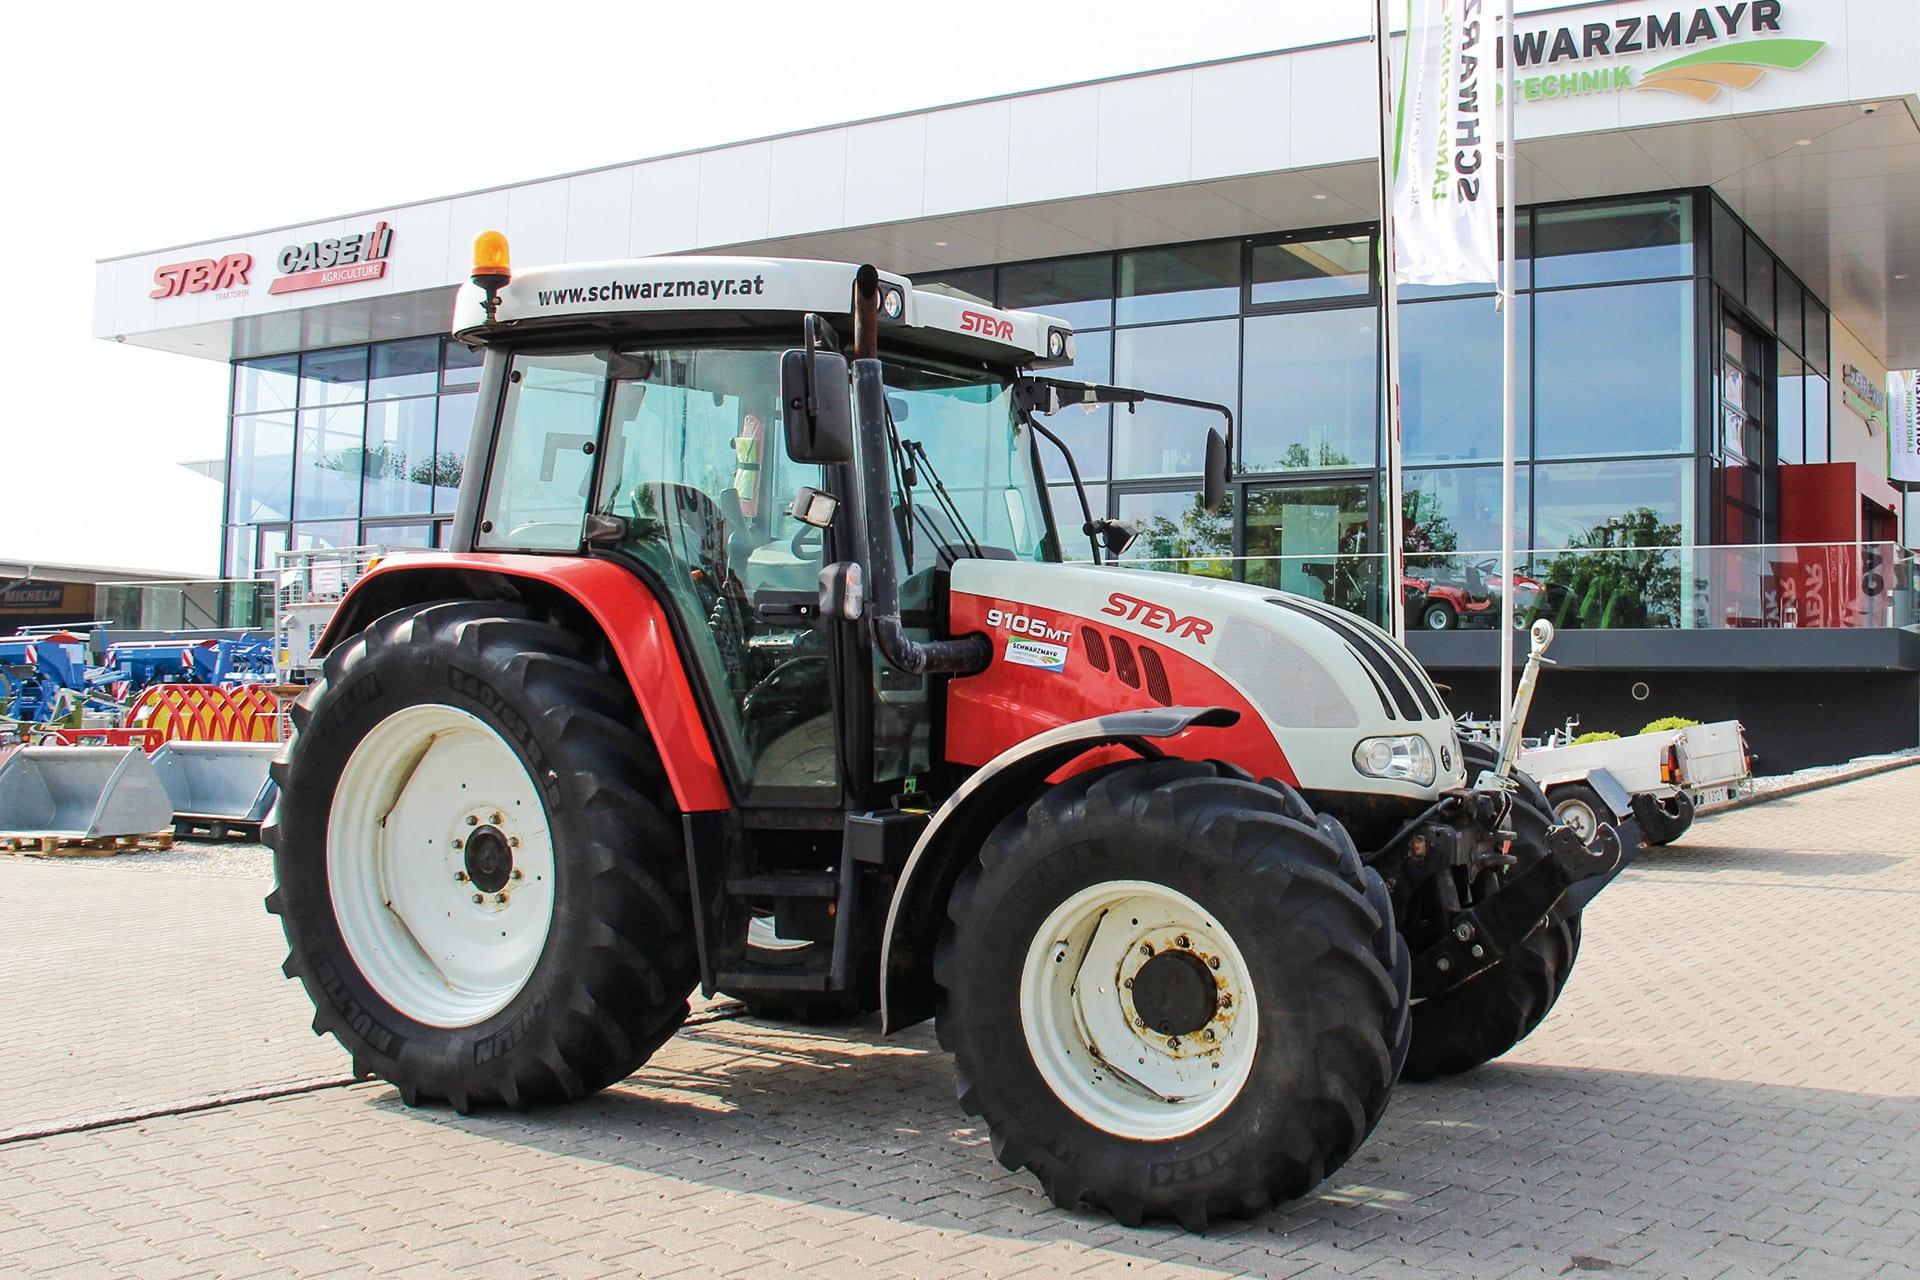 Interesse am Eintausch deines Traktors